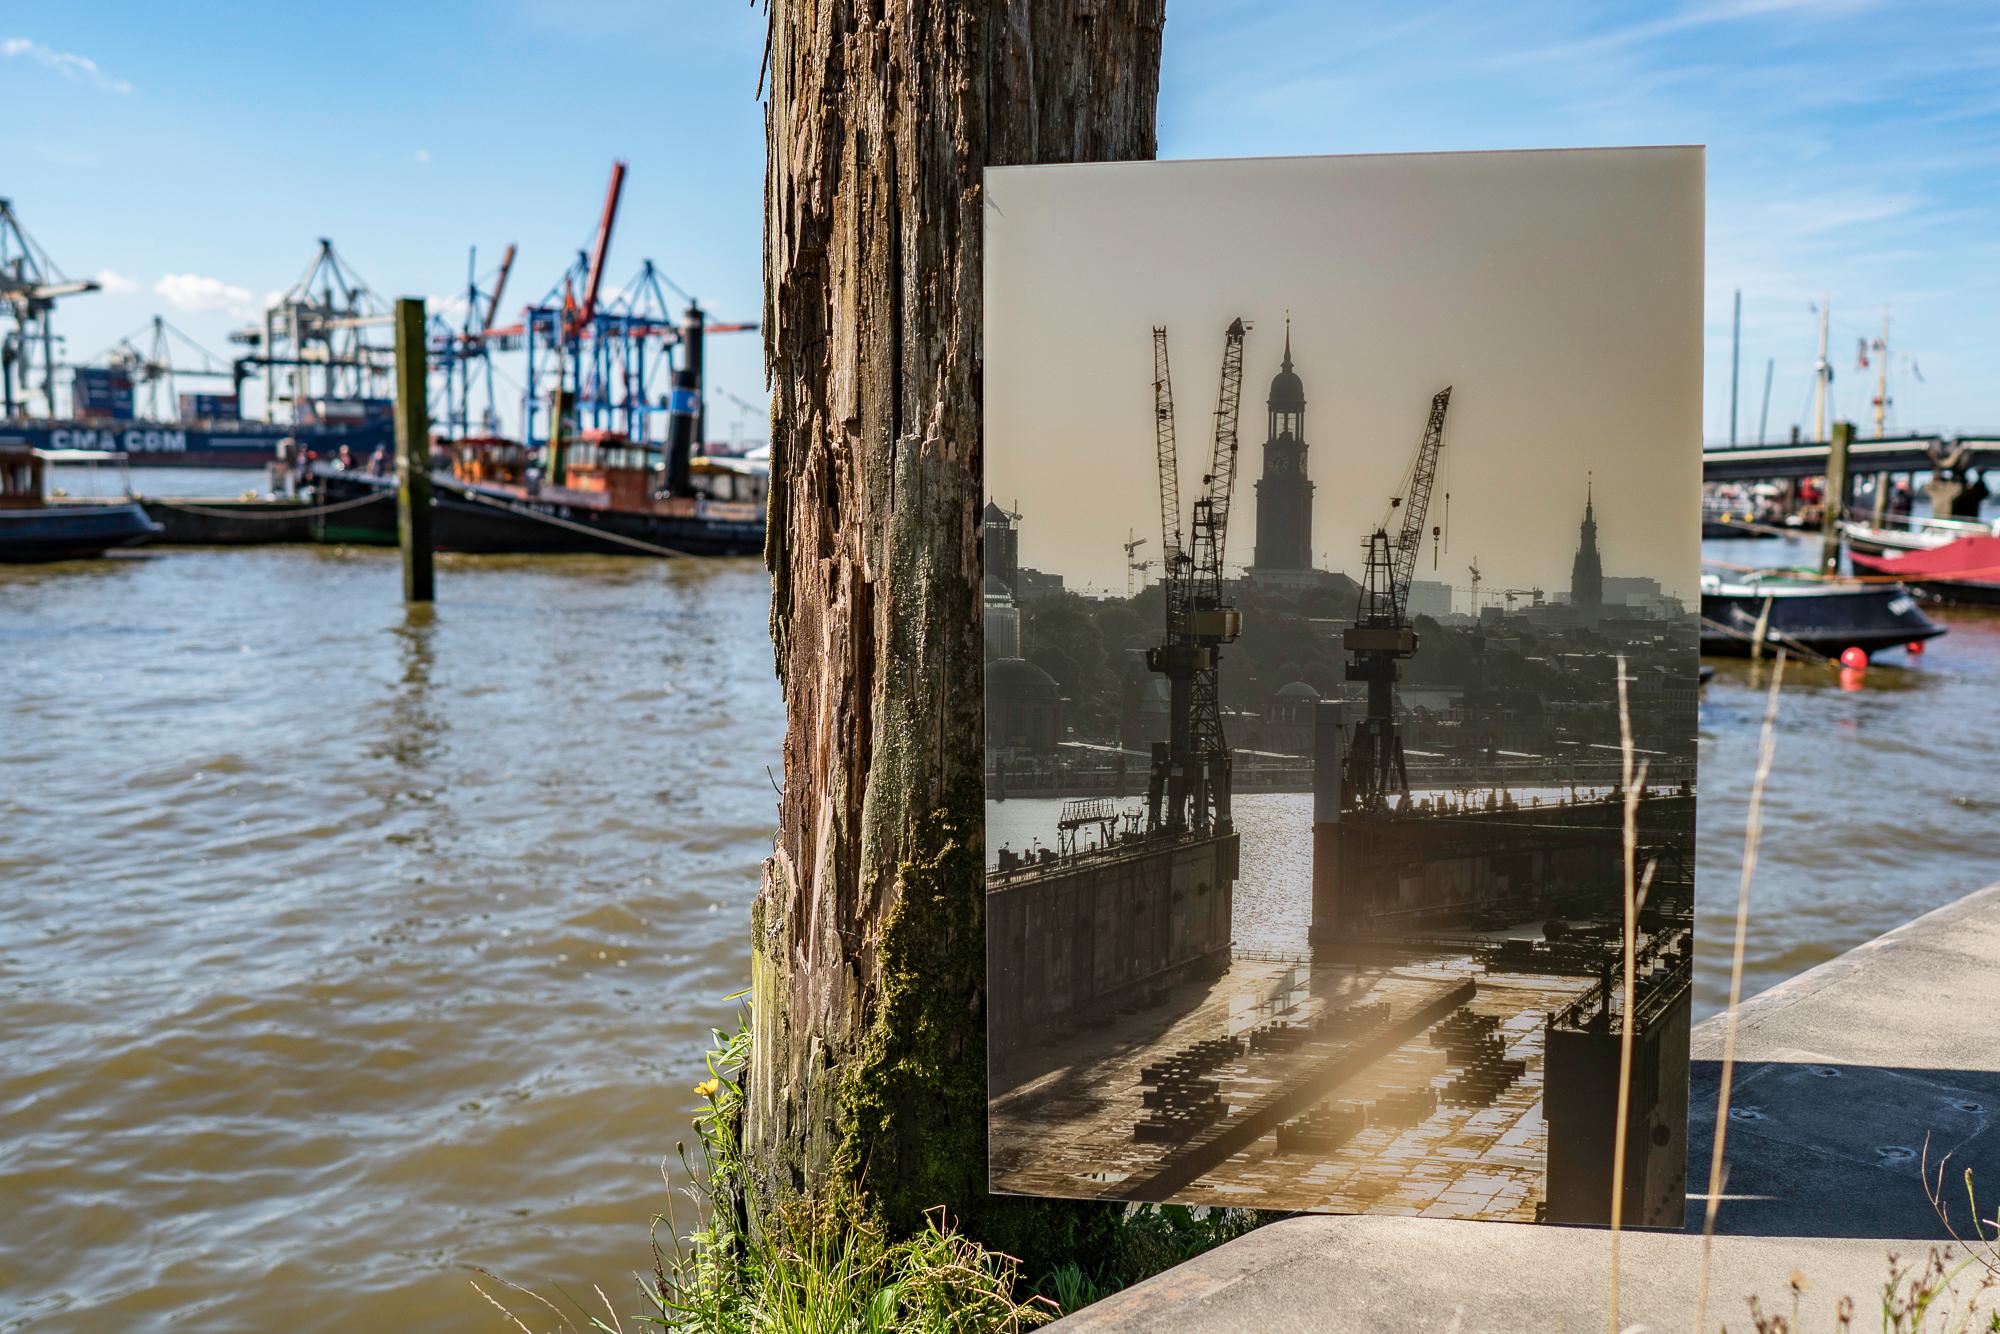 Hamburg Bild Galerieprint hinter Plexiglas von der Hamburger Elbphilharmonie